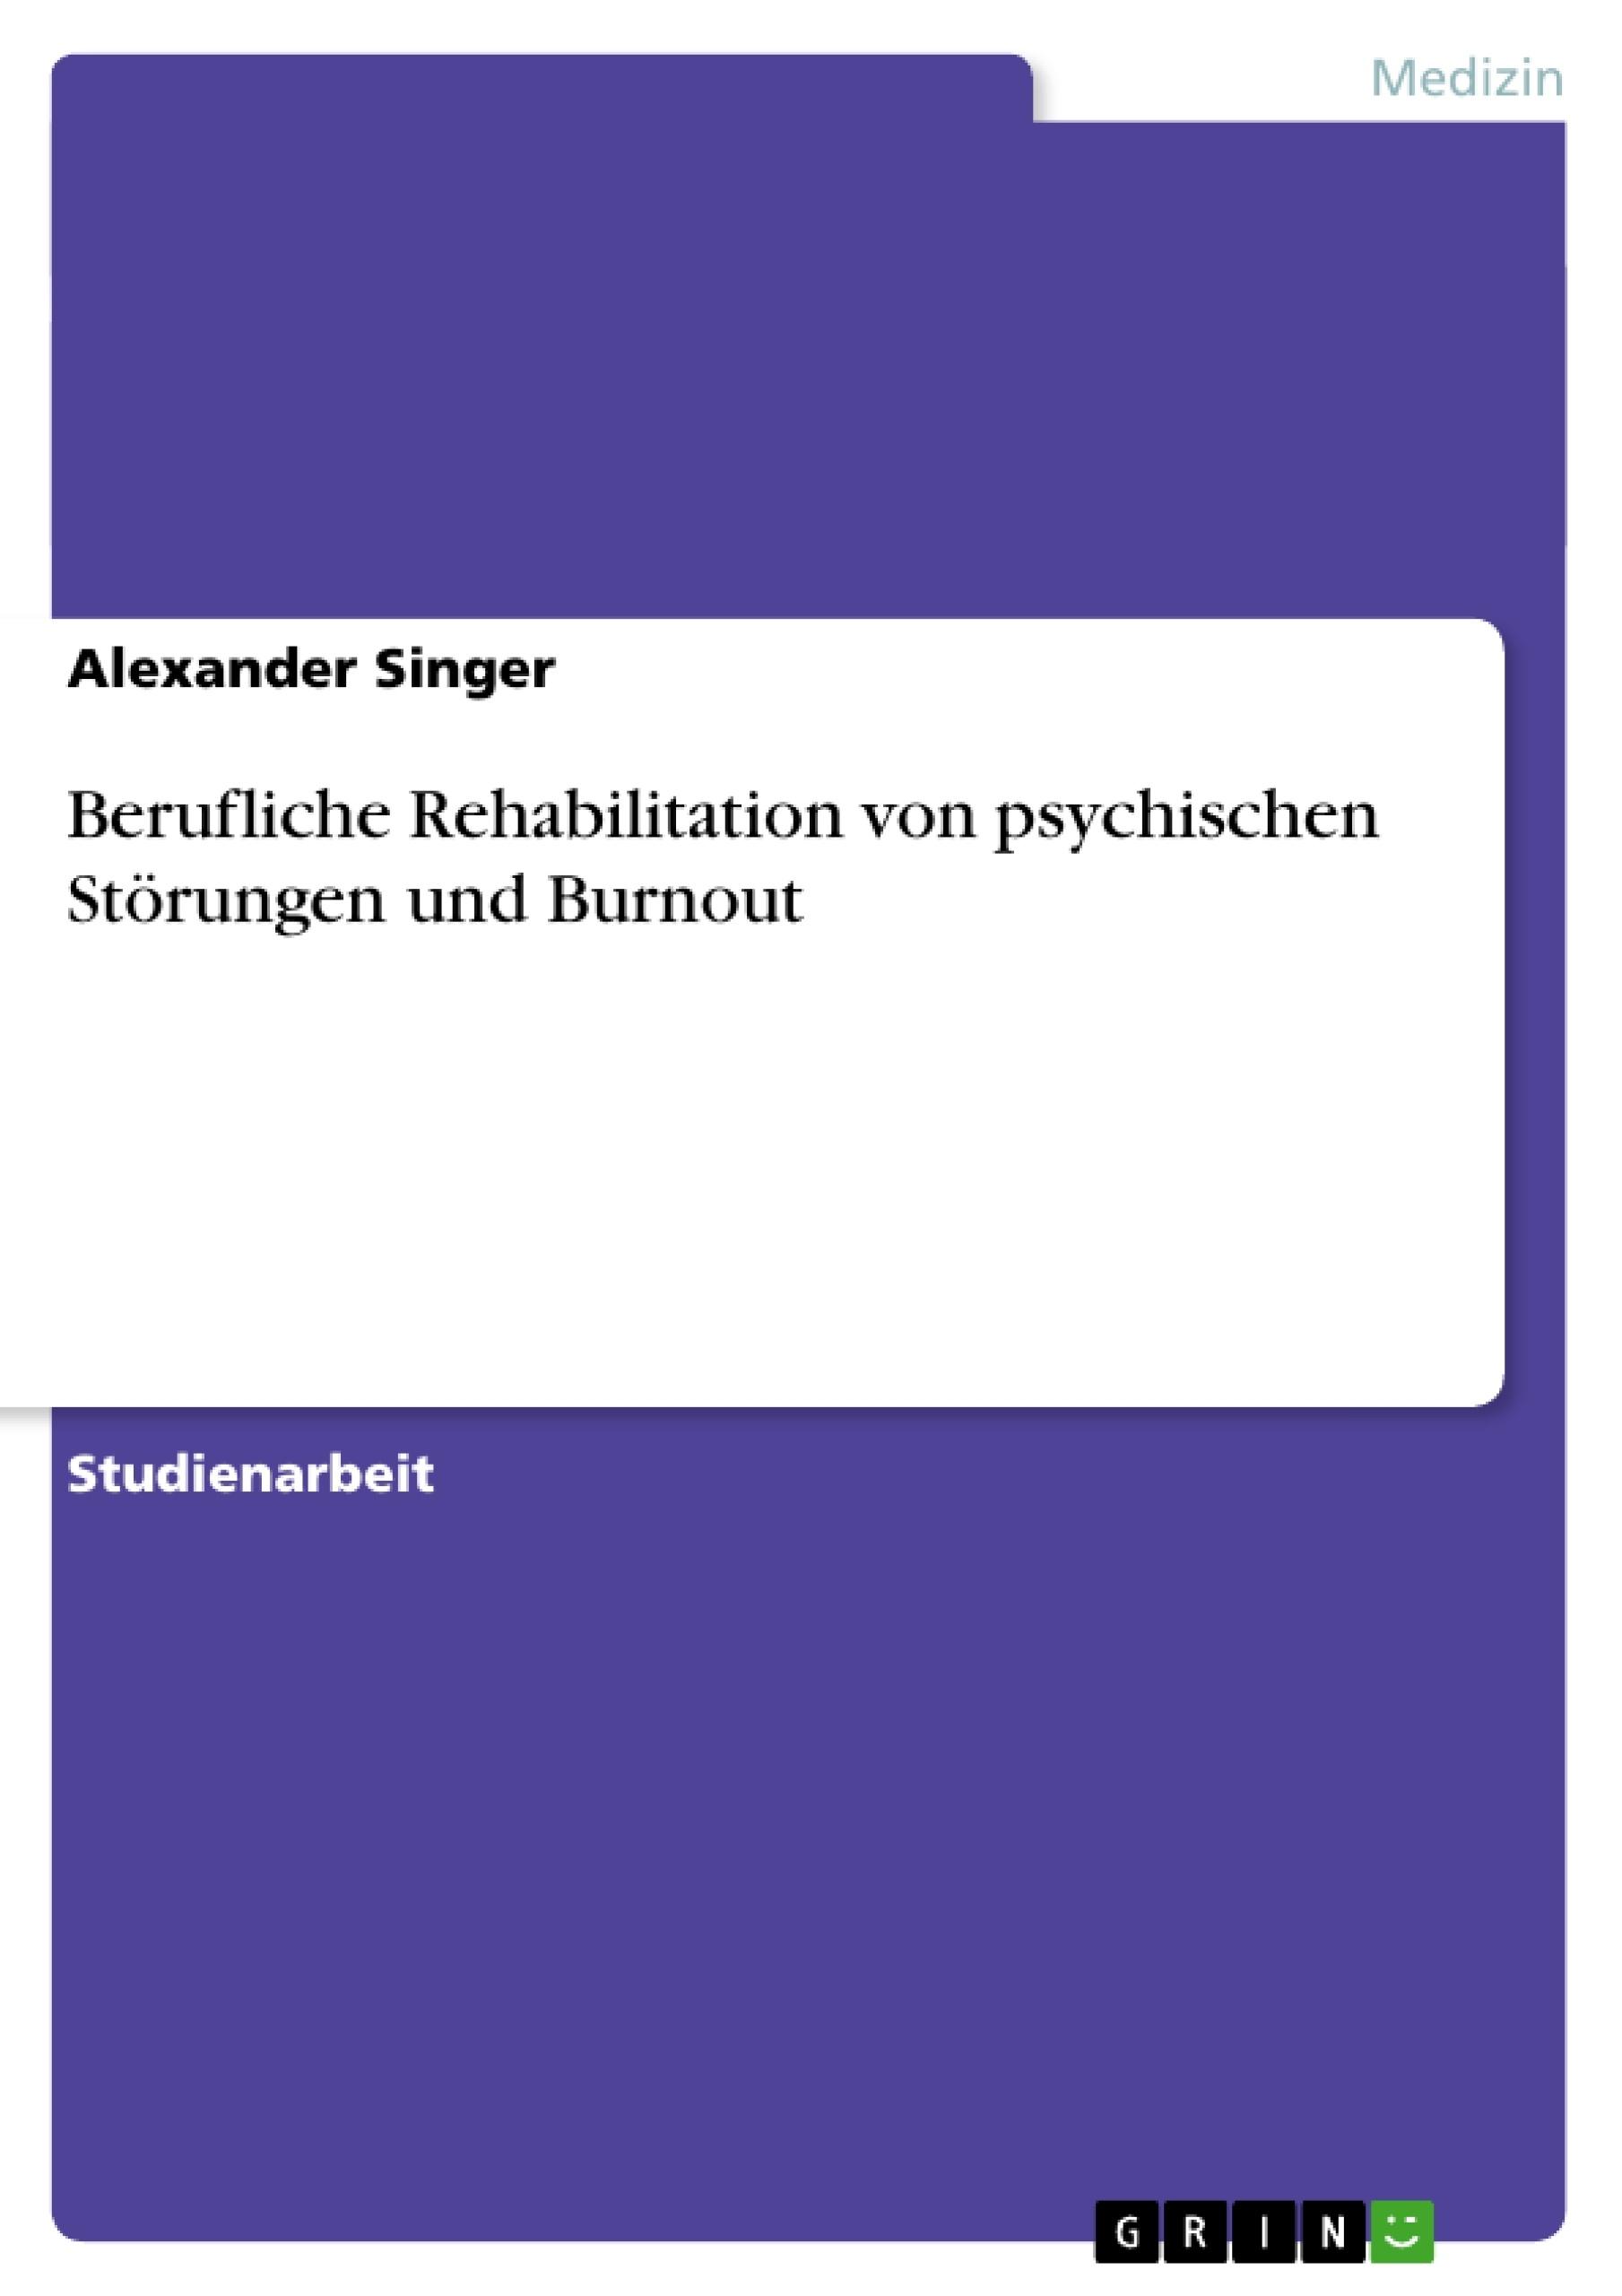 Titel: Berufliche Rehabilitation von psychischen Störungen und Burnout